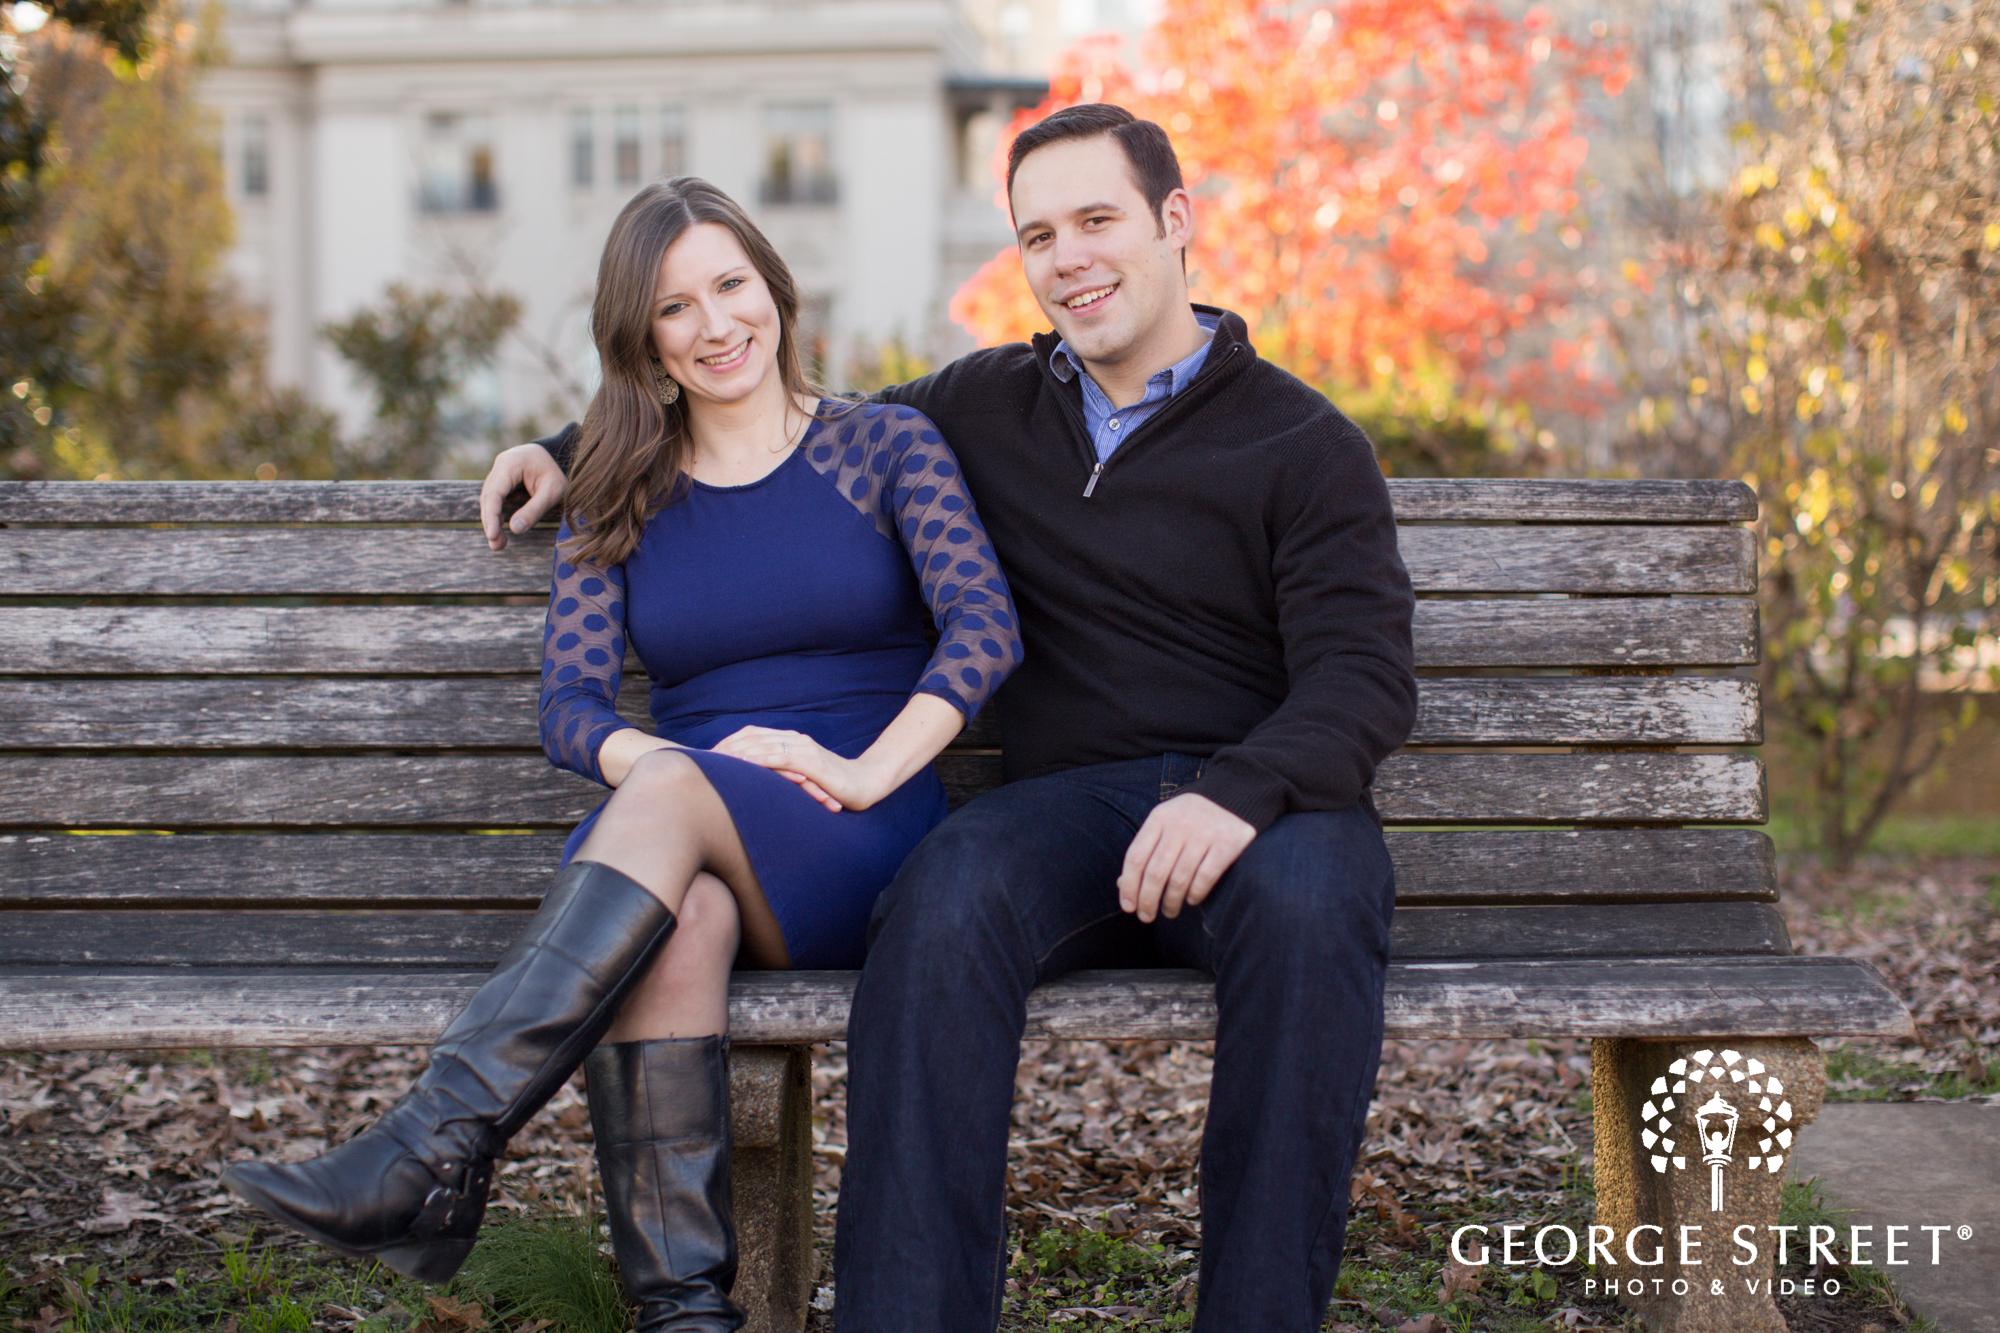 engagement portrait on park bench